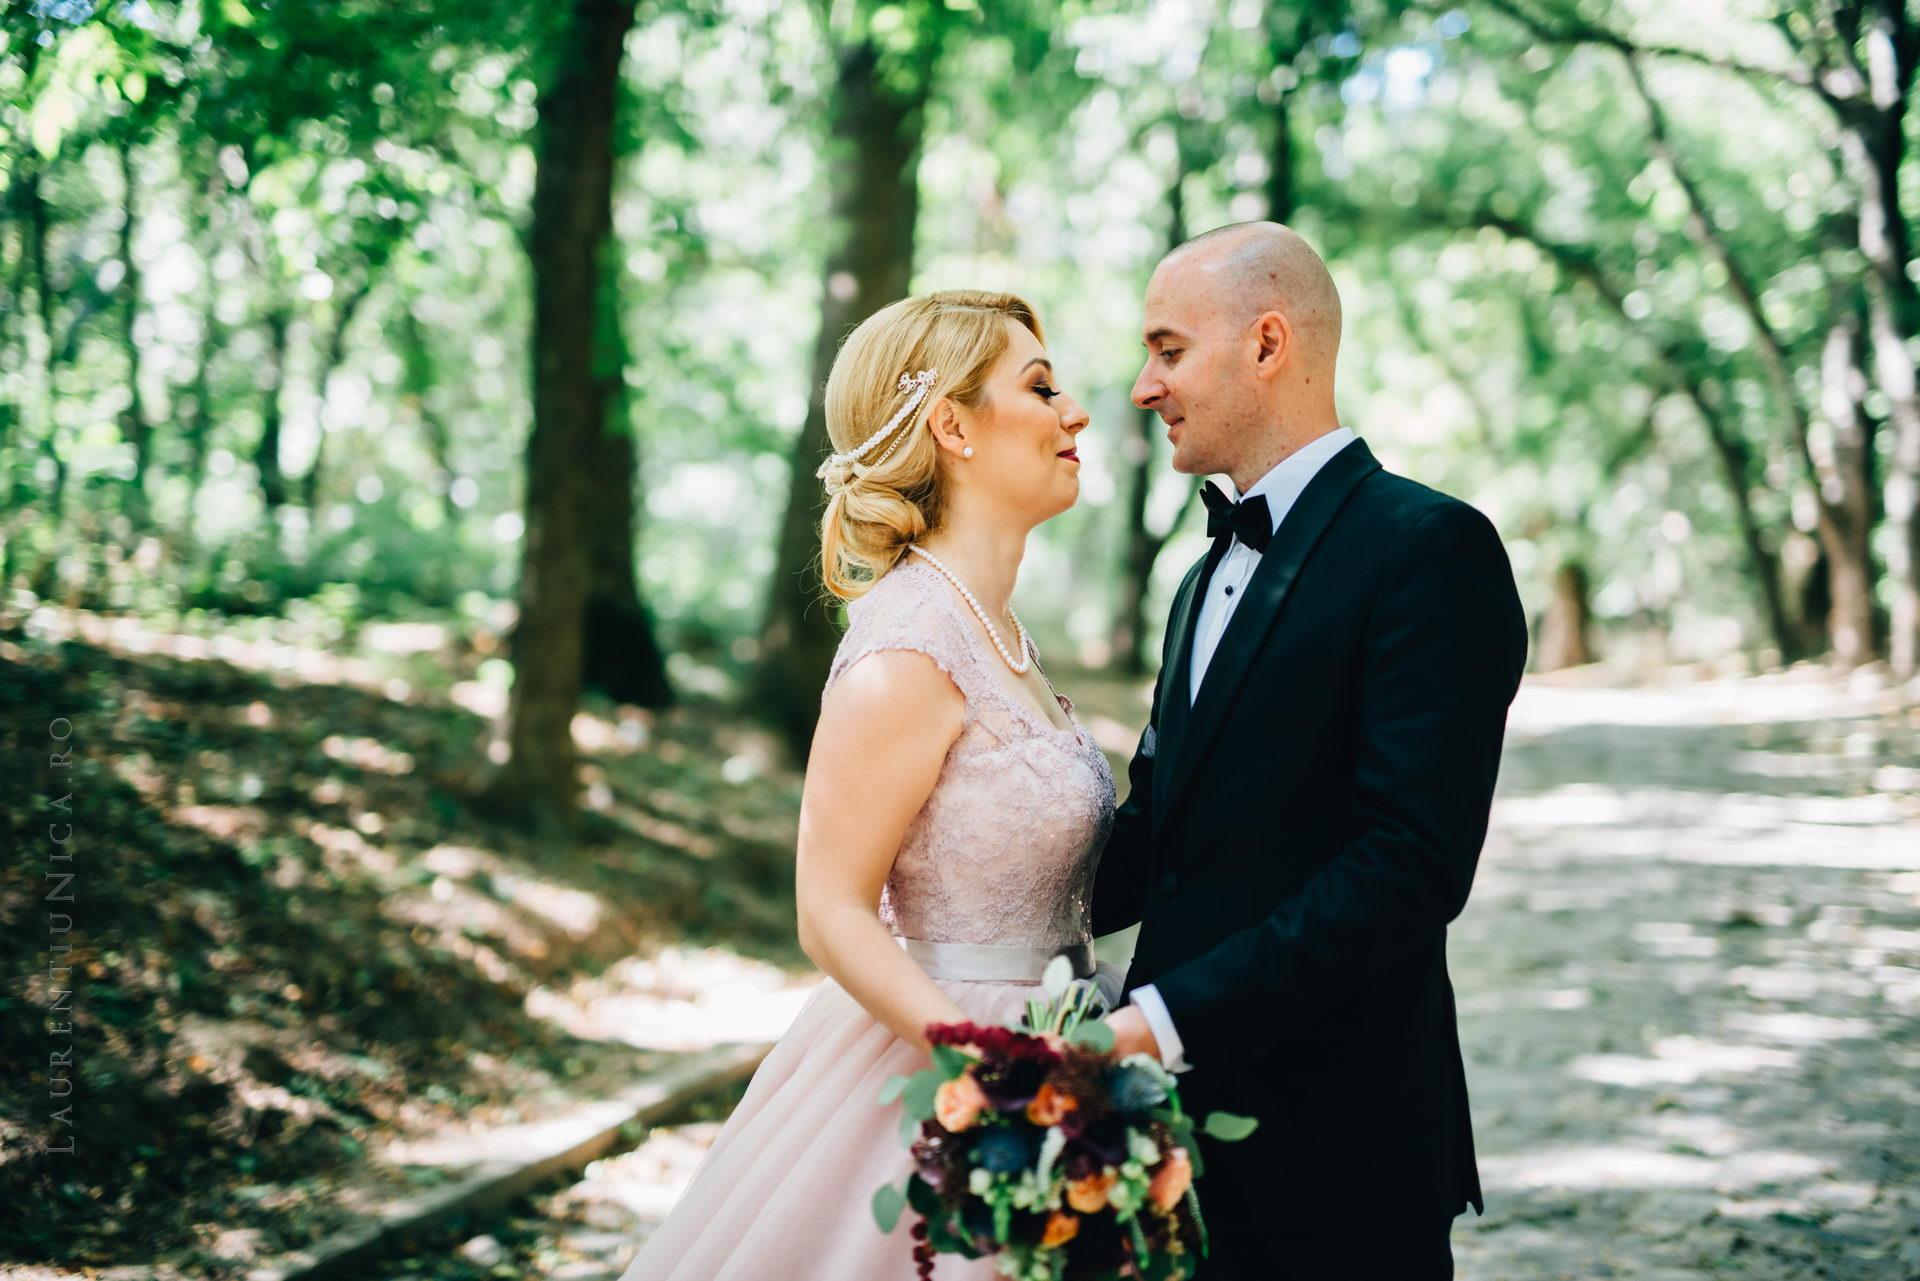 lavinia si adi fotograf laurentiu nica craiova 024 - Lavinia & Adi | Fotografii nunta